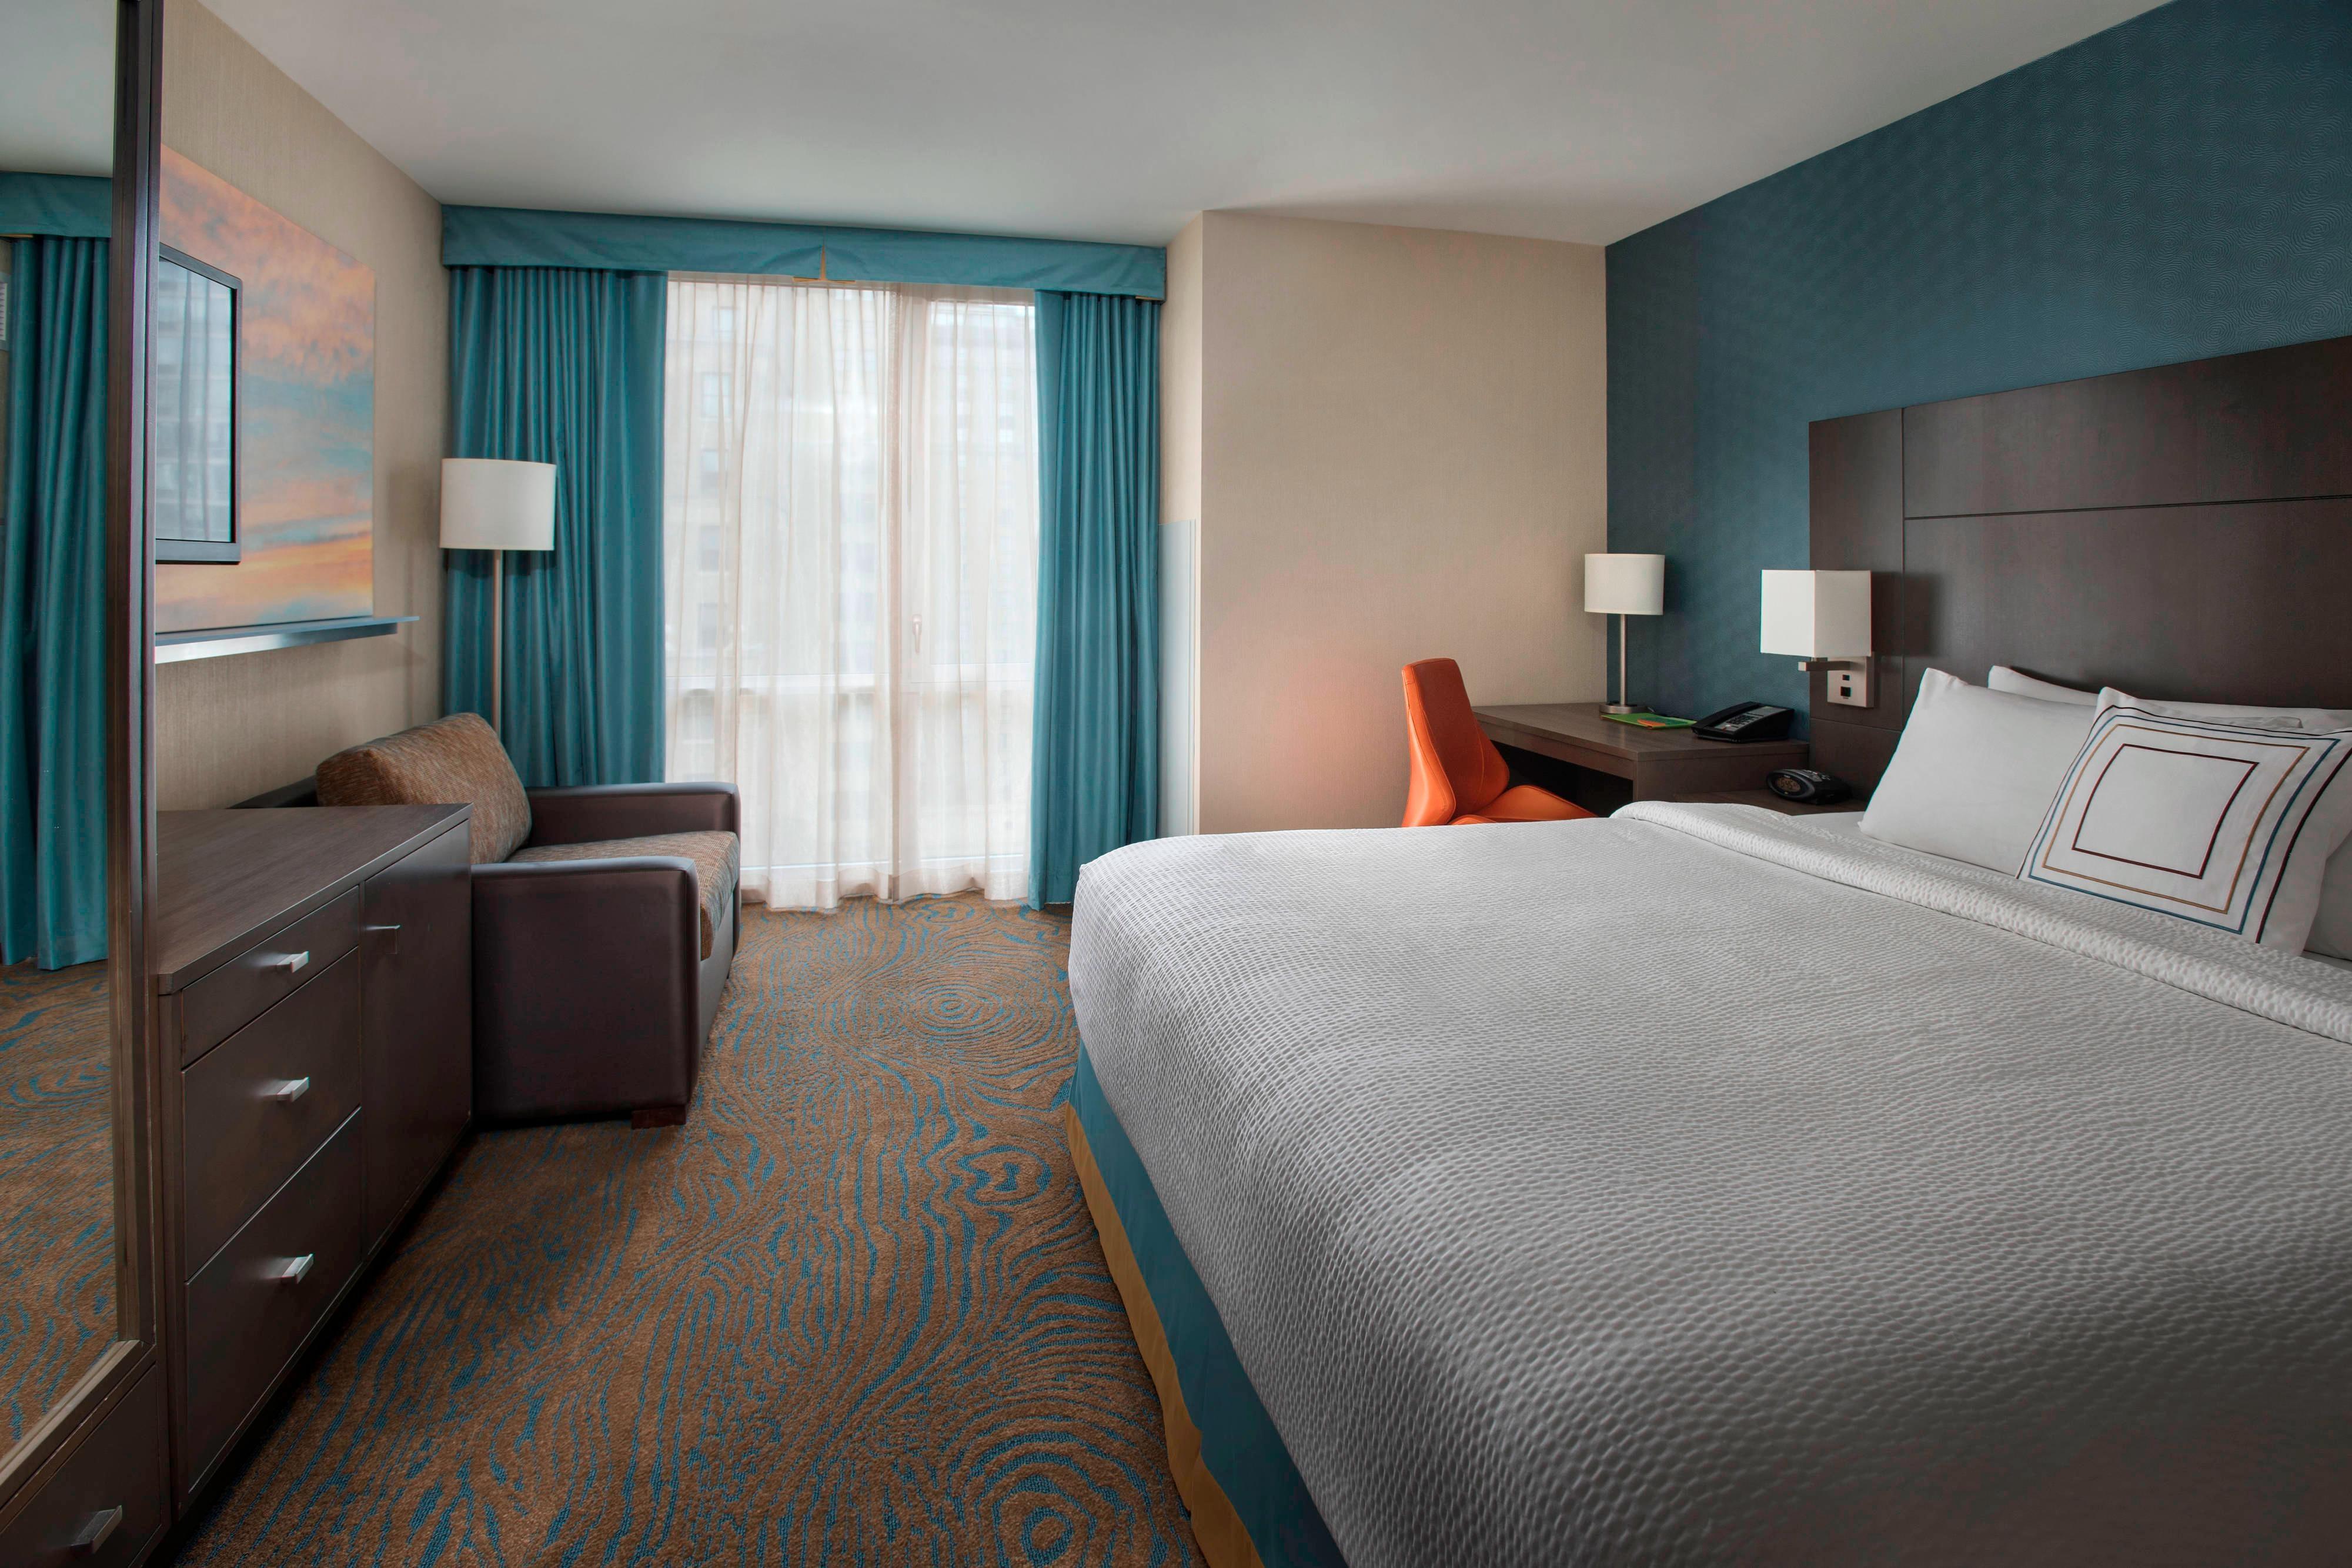 Chambre avec très grand lit et canapé-lit